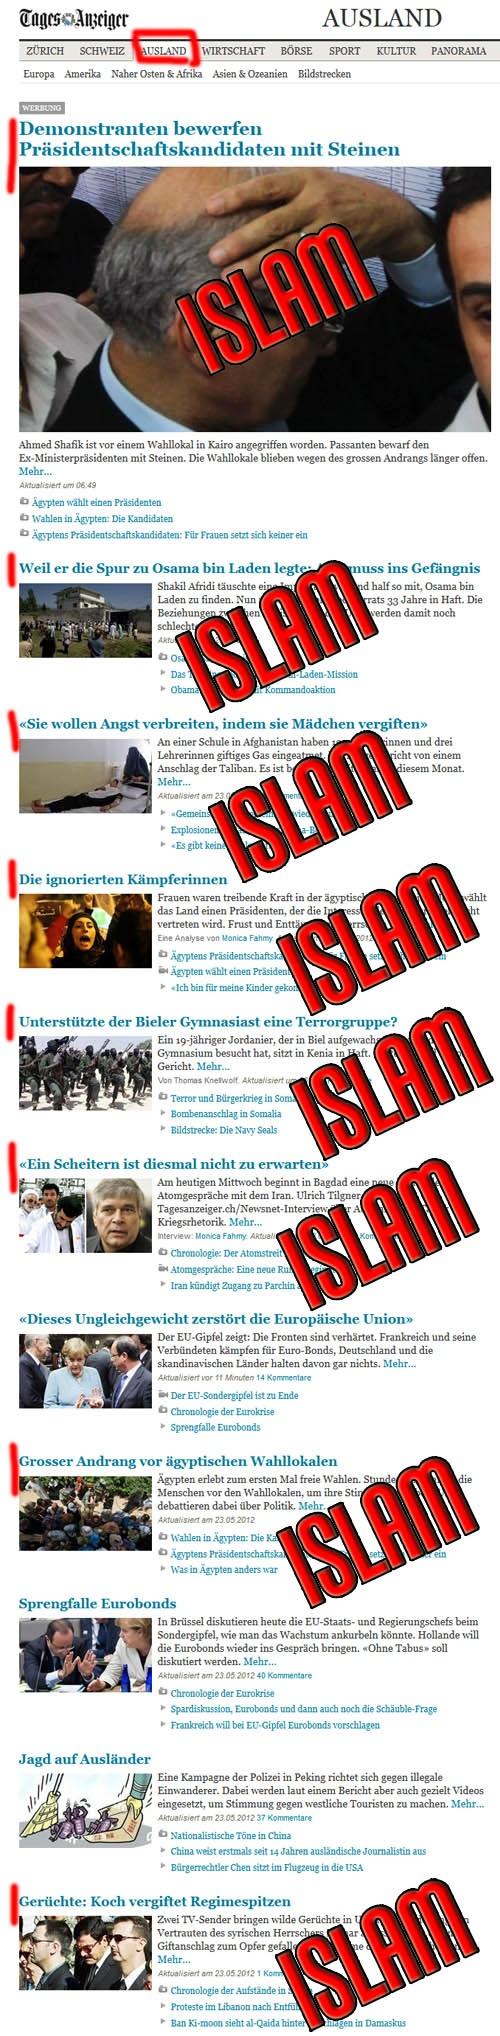 Tagesanzeiger, Bereich Ausland, vom 24.05.2012